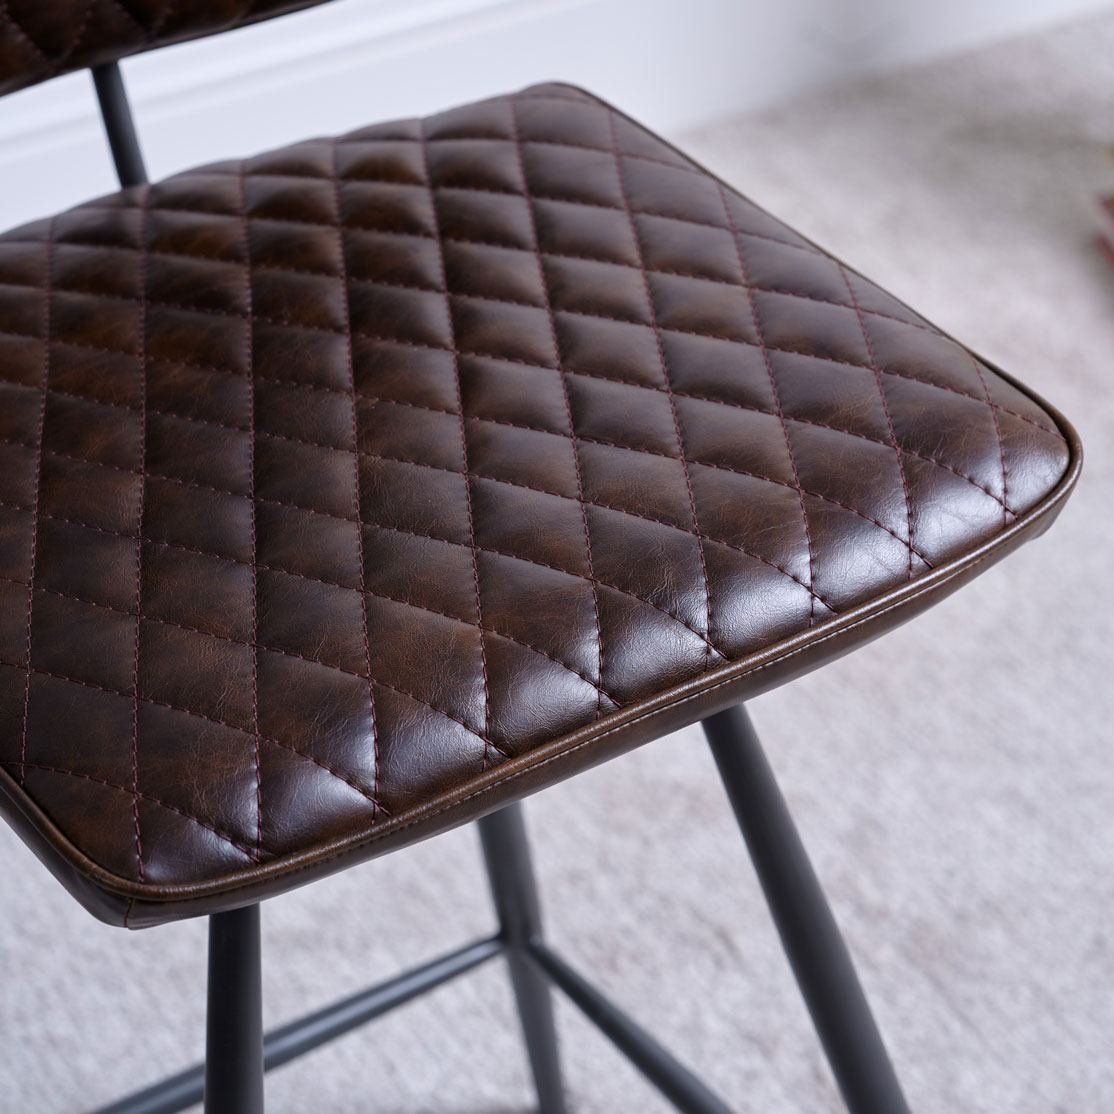 NEMOX BROWN STOOL - SEAT DETAIL